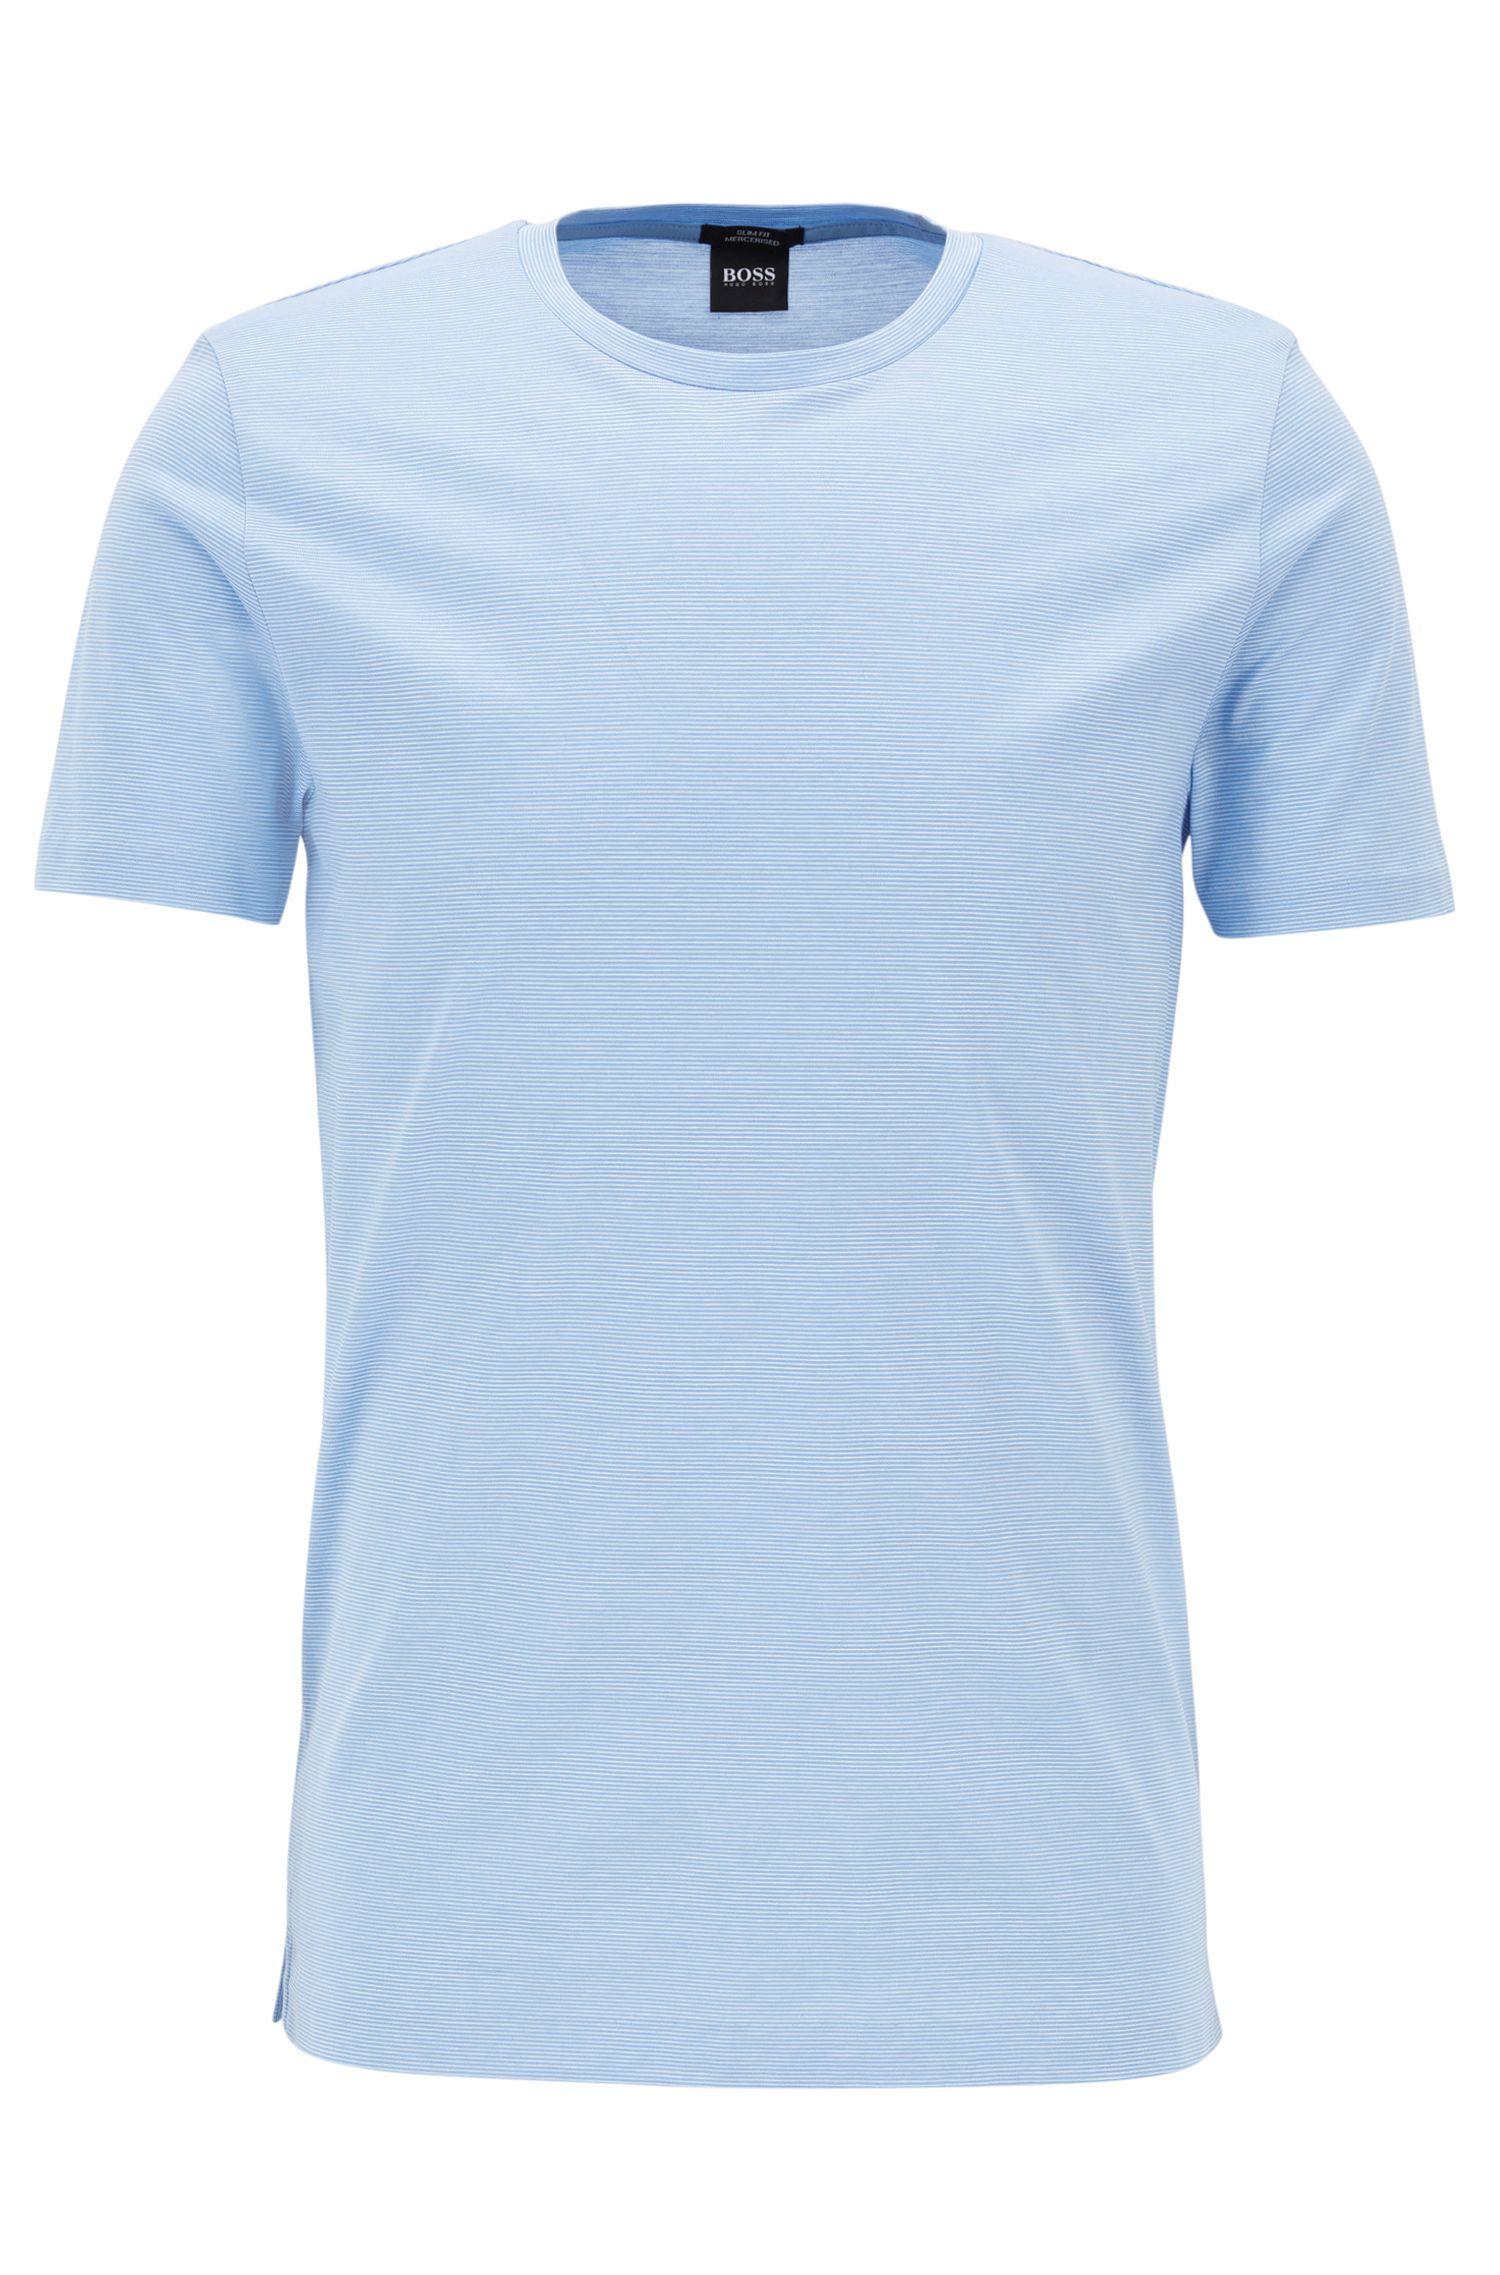 T-shirt slim fit in cotone mercerizzato